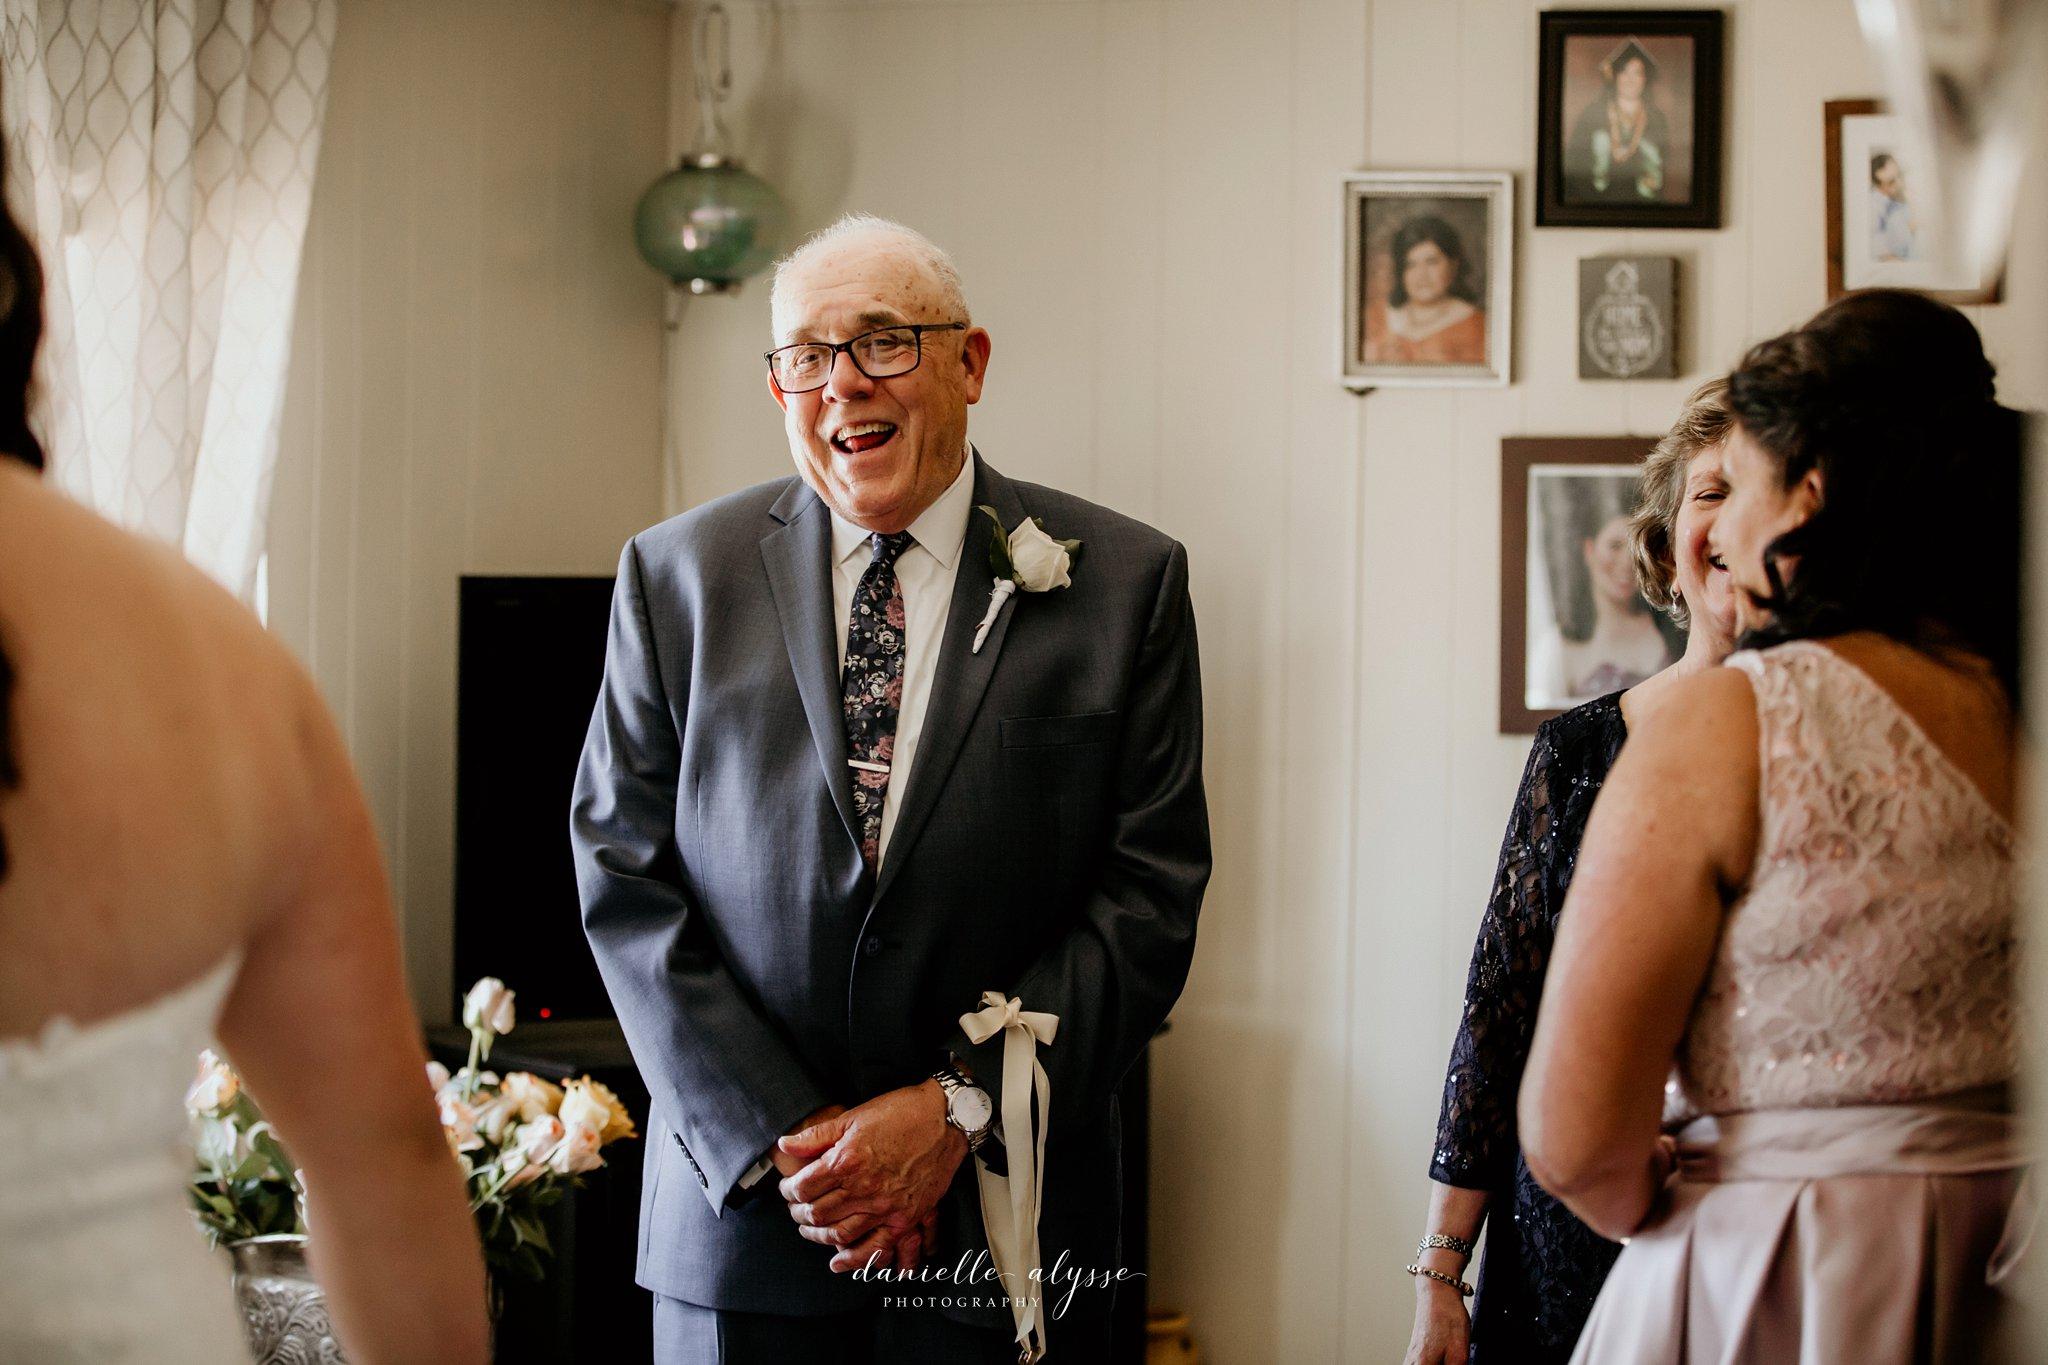 180630_wedding_lily_ryan_mission_soledad_california_danielle_alysse_photography_blog_321_WEB.jpg